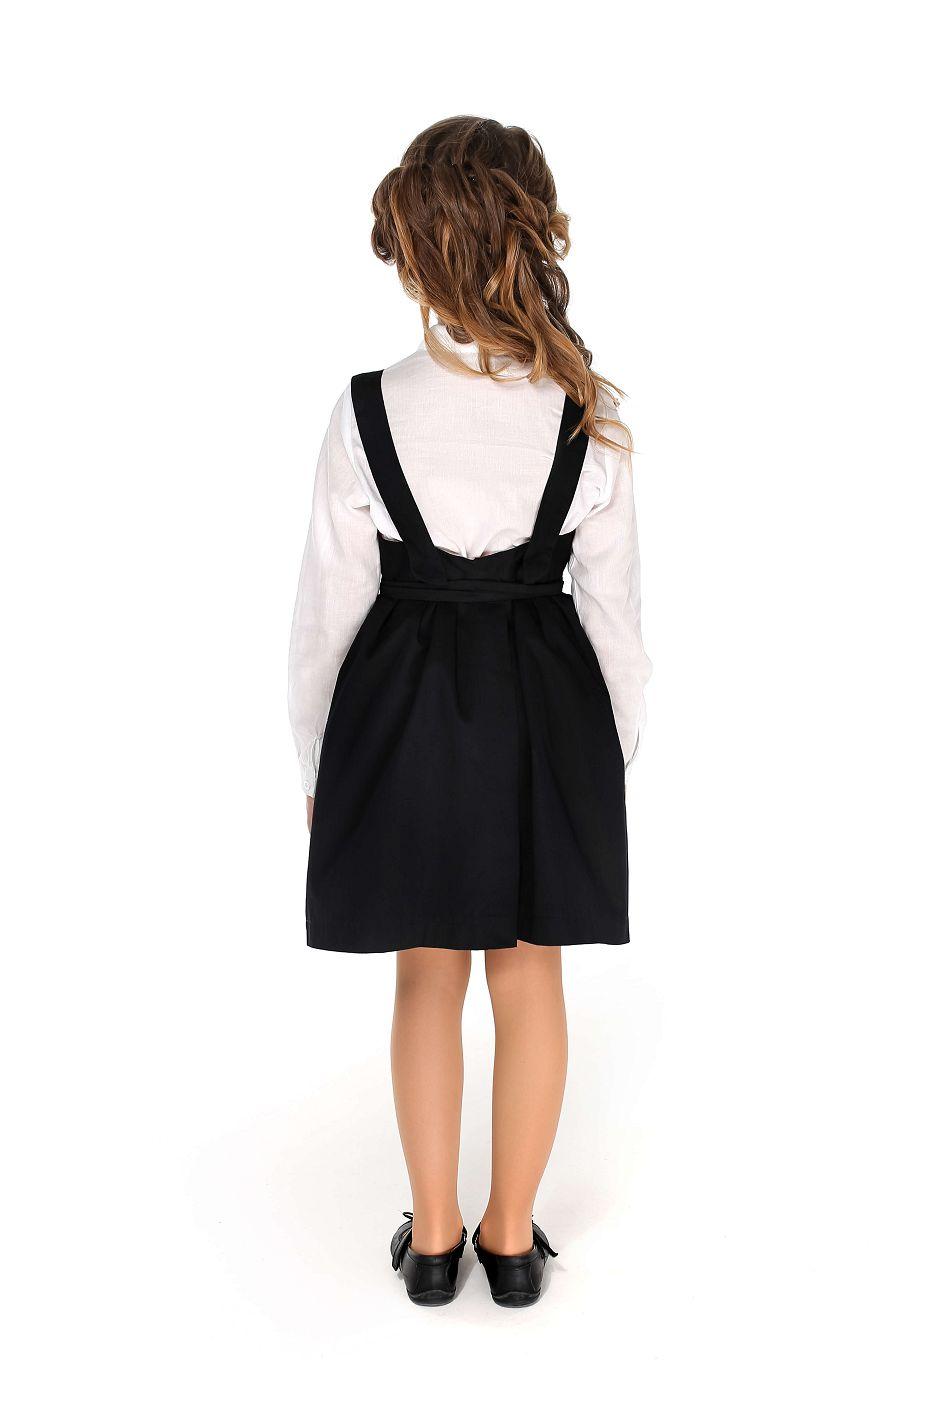 коллекция школьной одежды для девочек